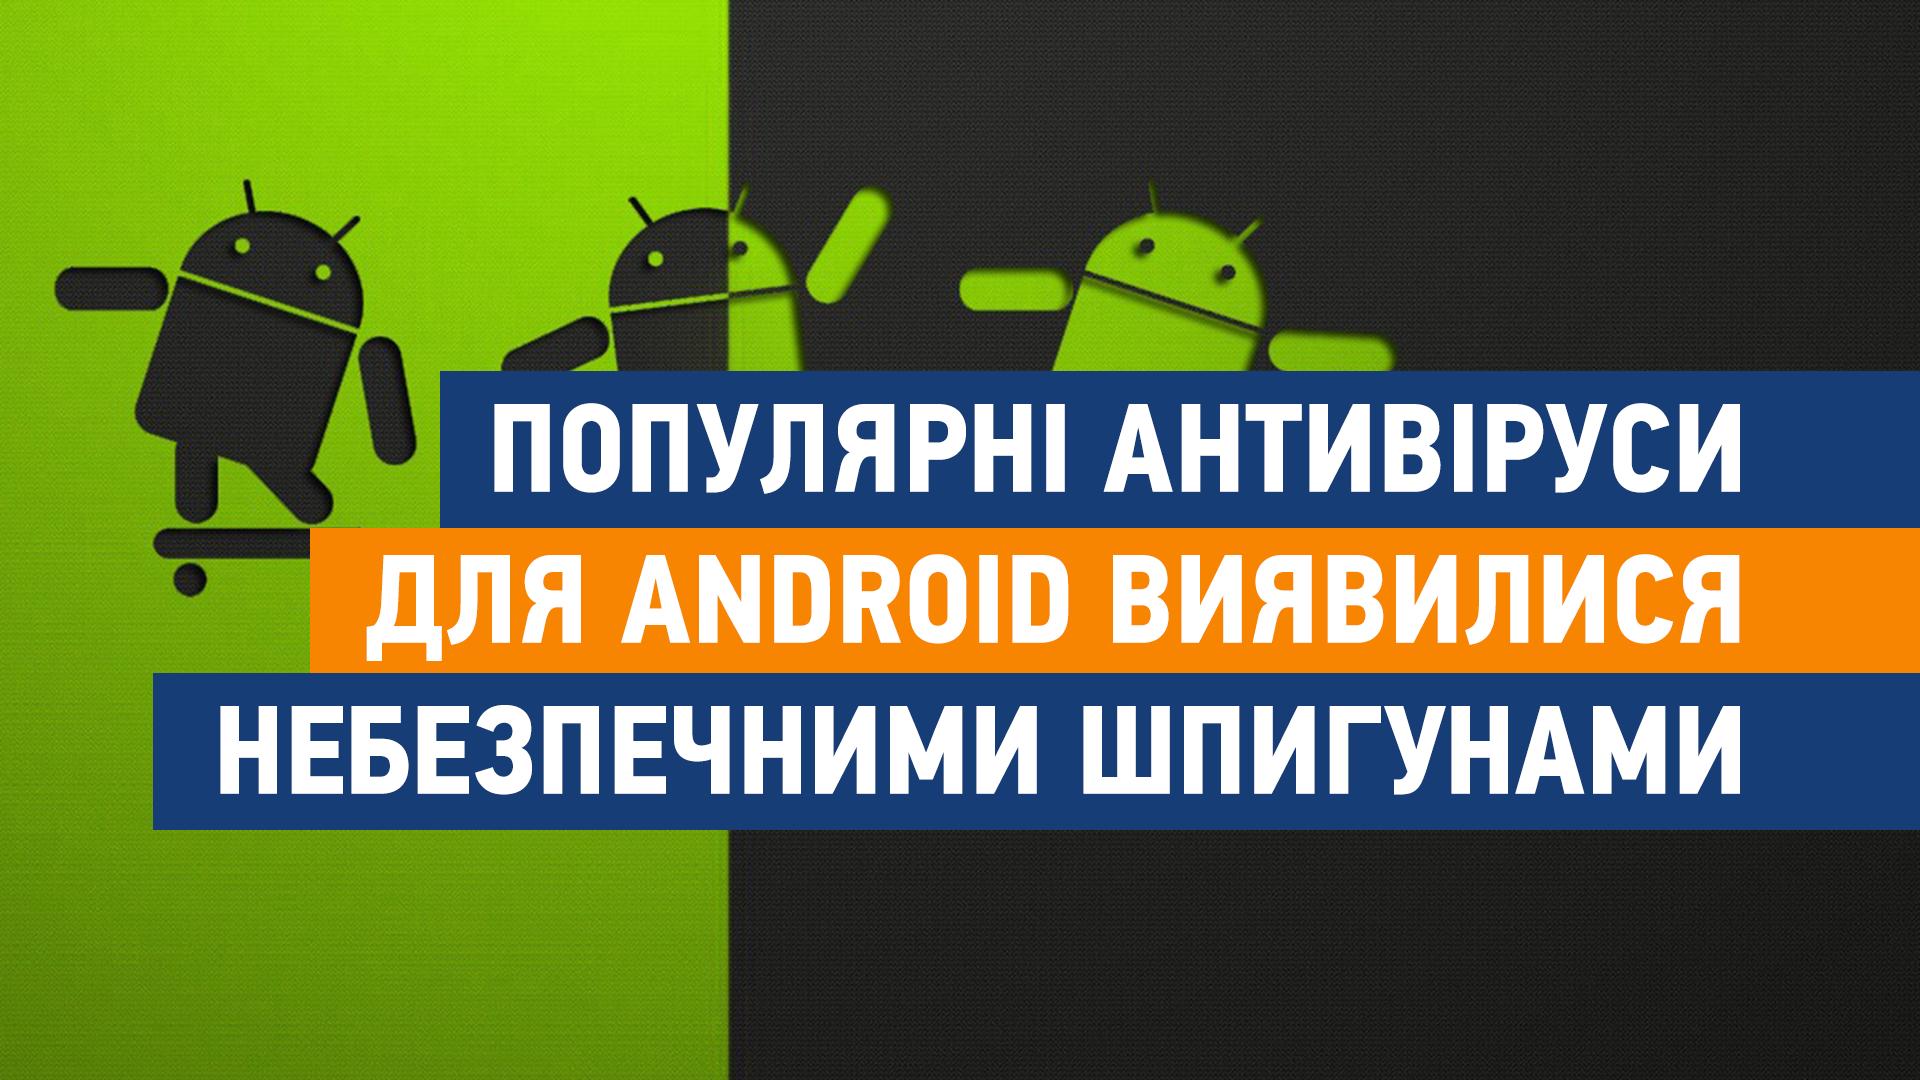 Популярні антивіруси для Android виявилися небезпечними шпигунами